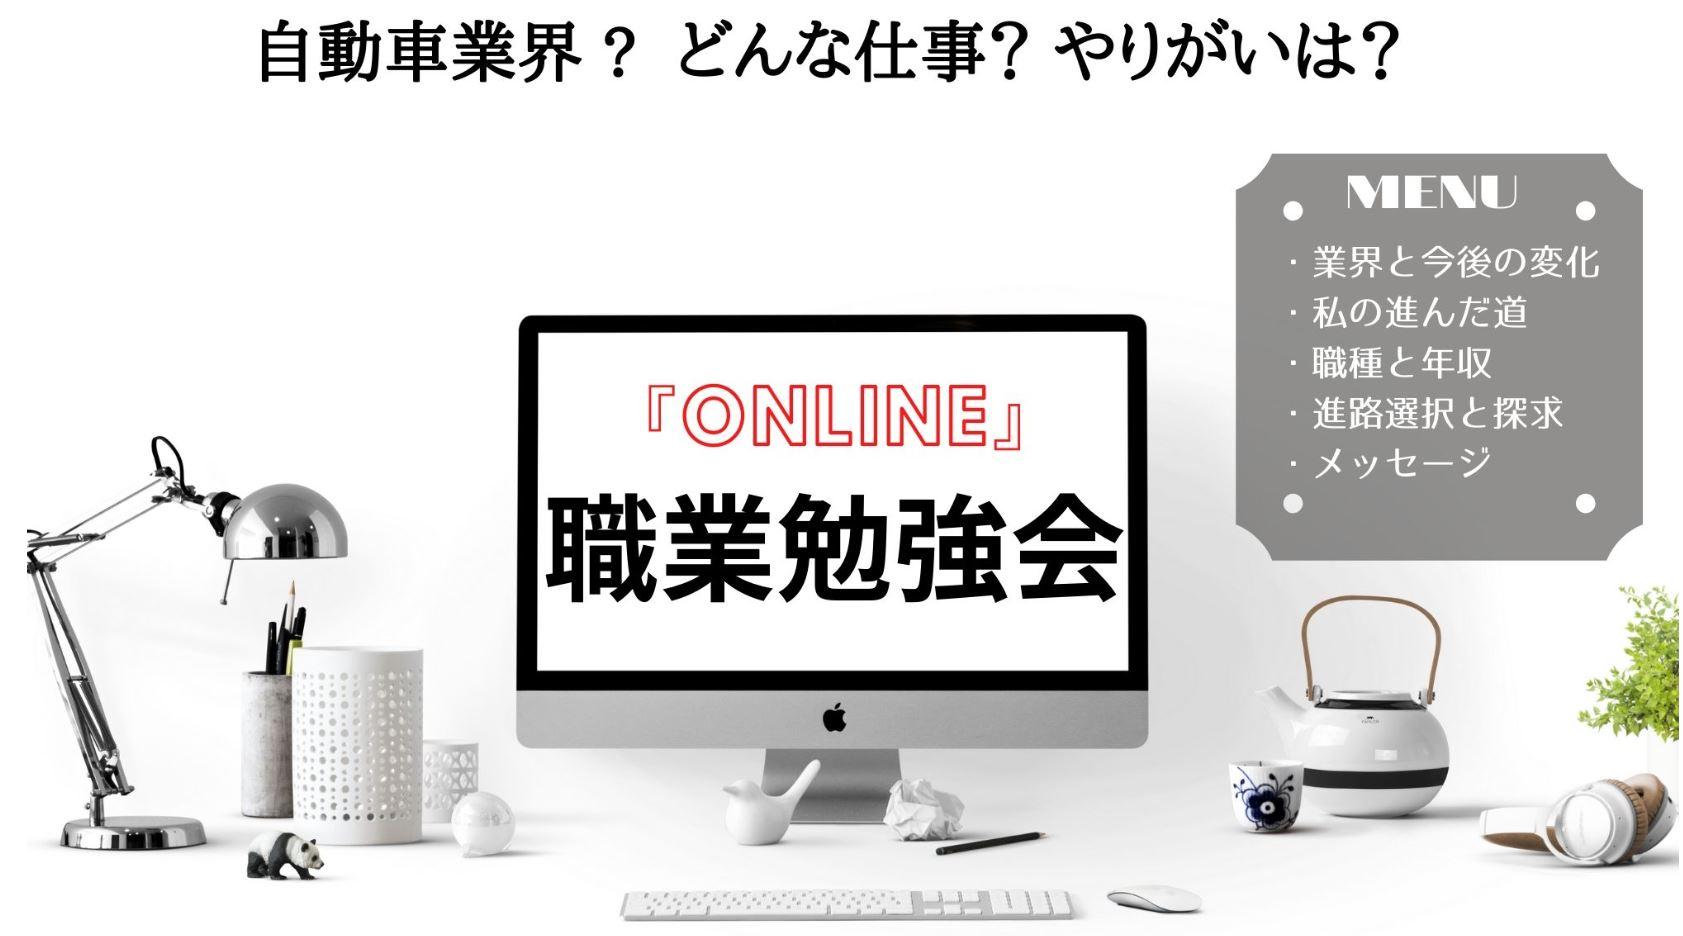 【オンライン】職業勉強会